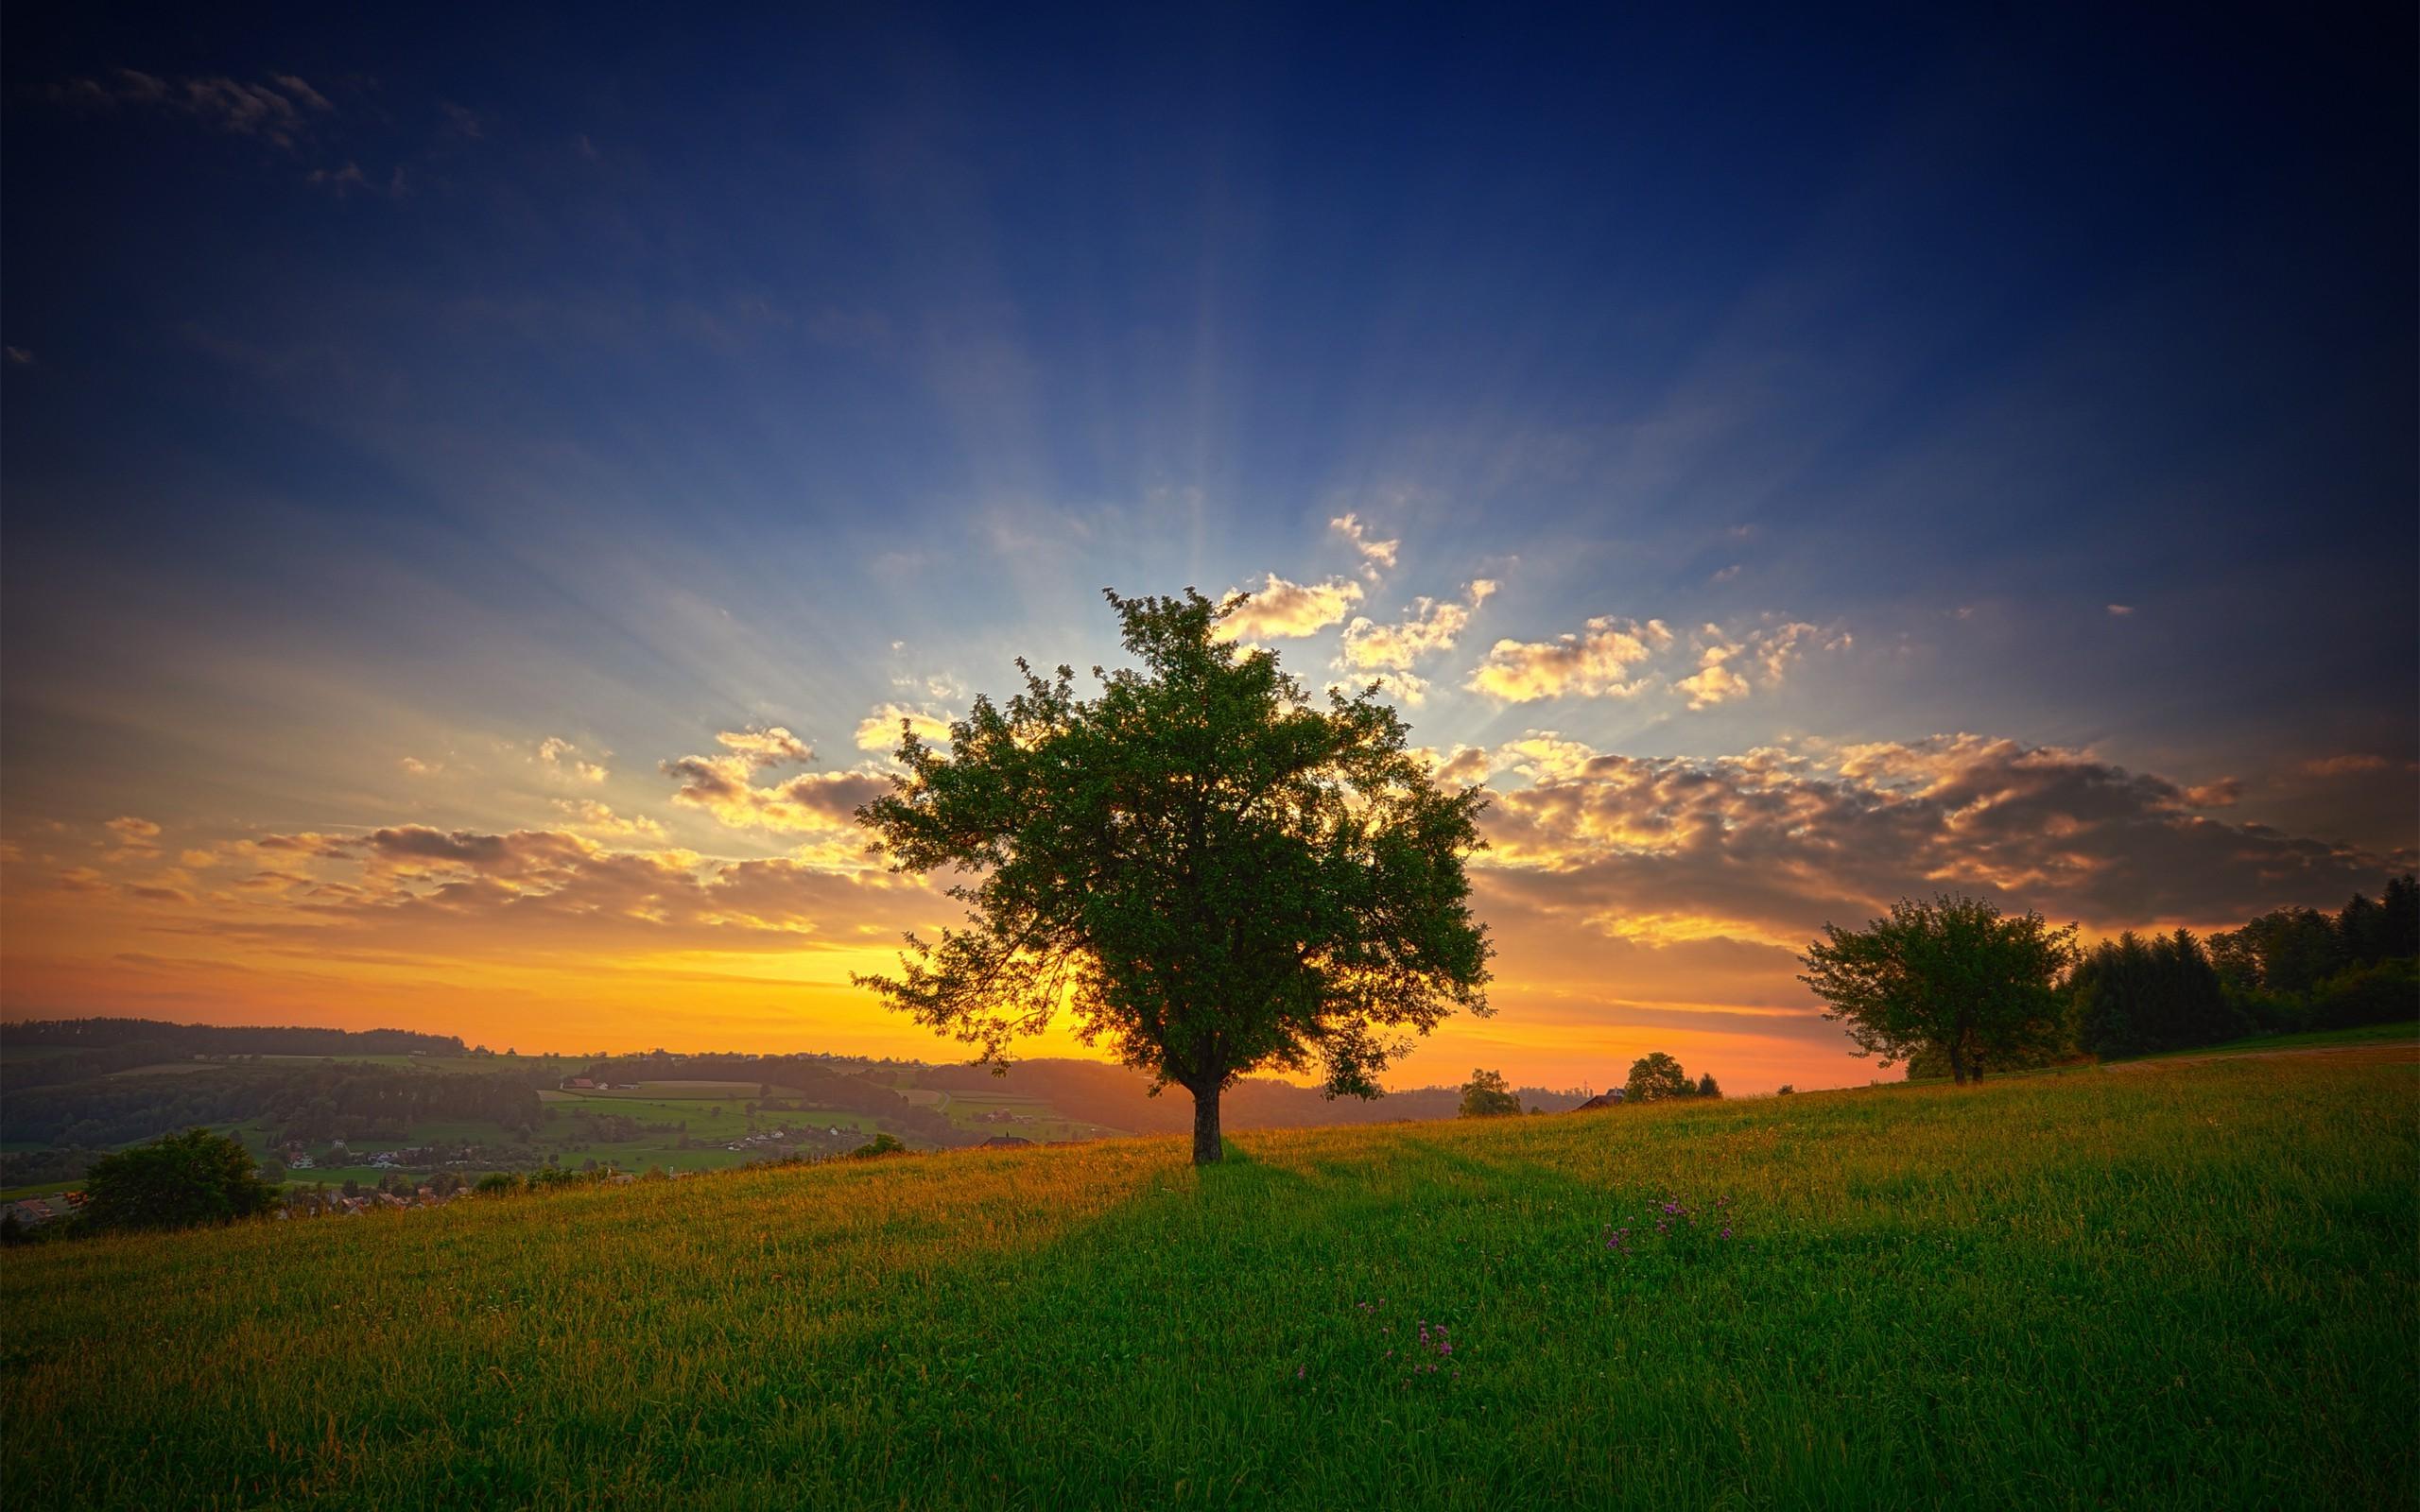 summer, Field, Sunset, Trees, Landscape, Clouds, Grass Wallpapers HD ...